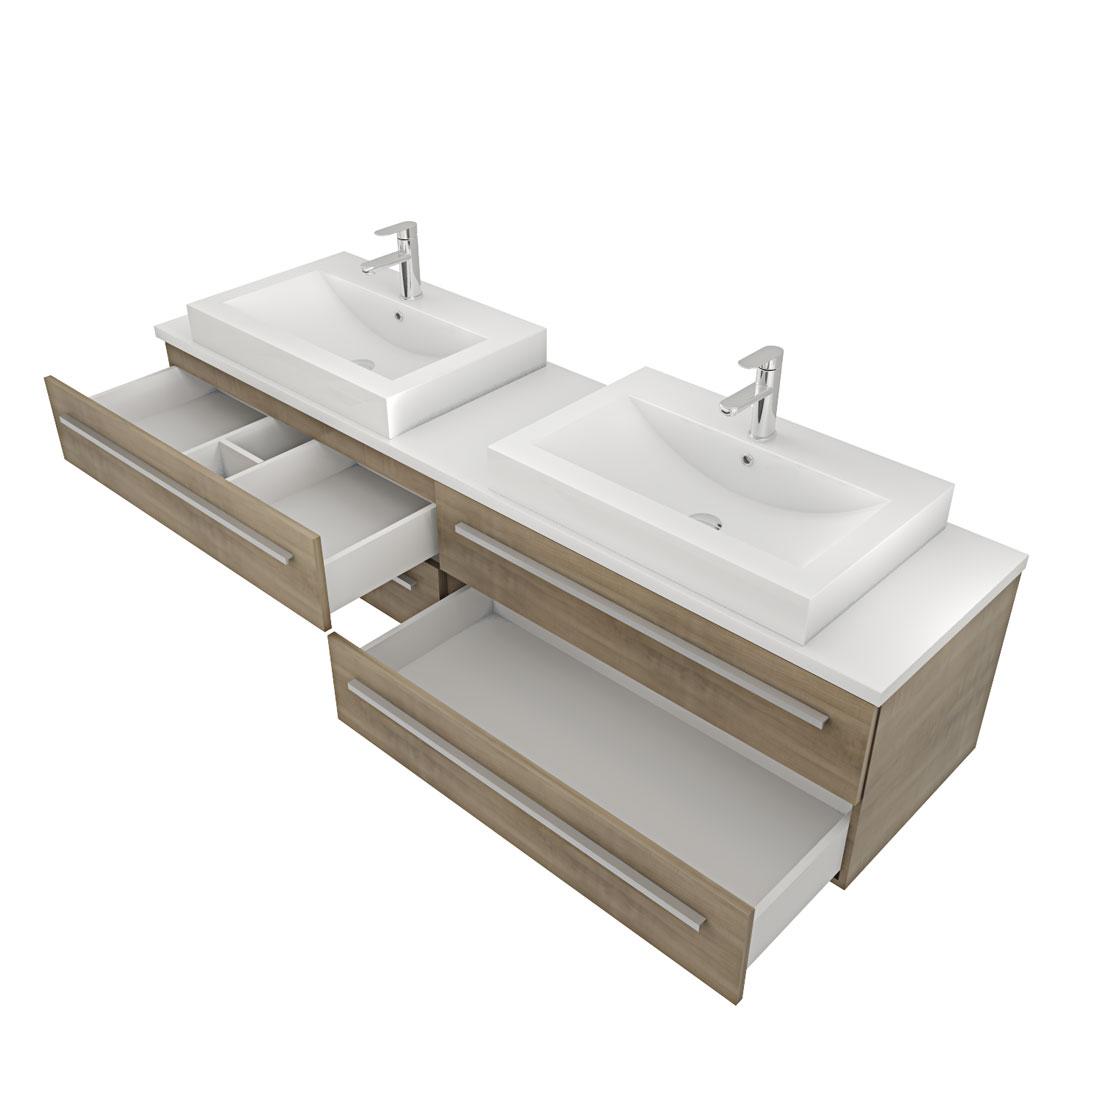 waschtisch mit waschbecken unterschrank city 201 200cm eiche hell. Black Bedroom Furniture Sets. Home Design Ideas